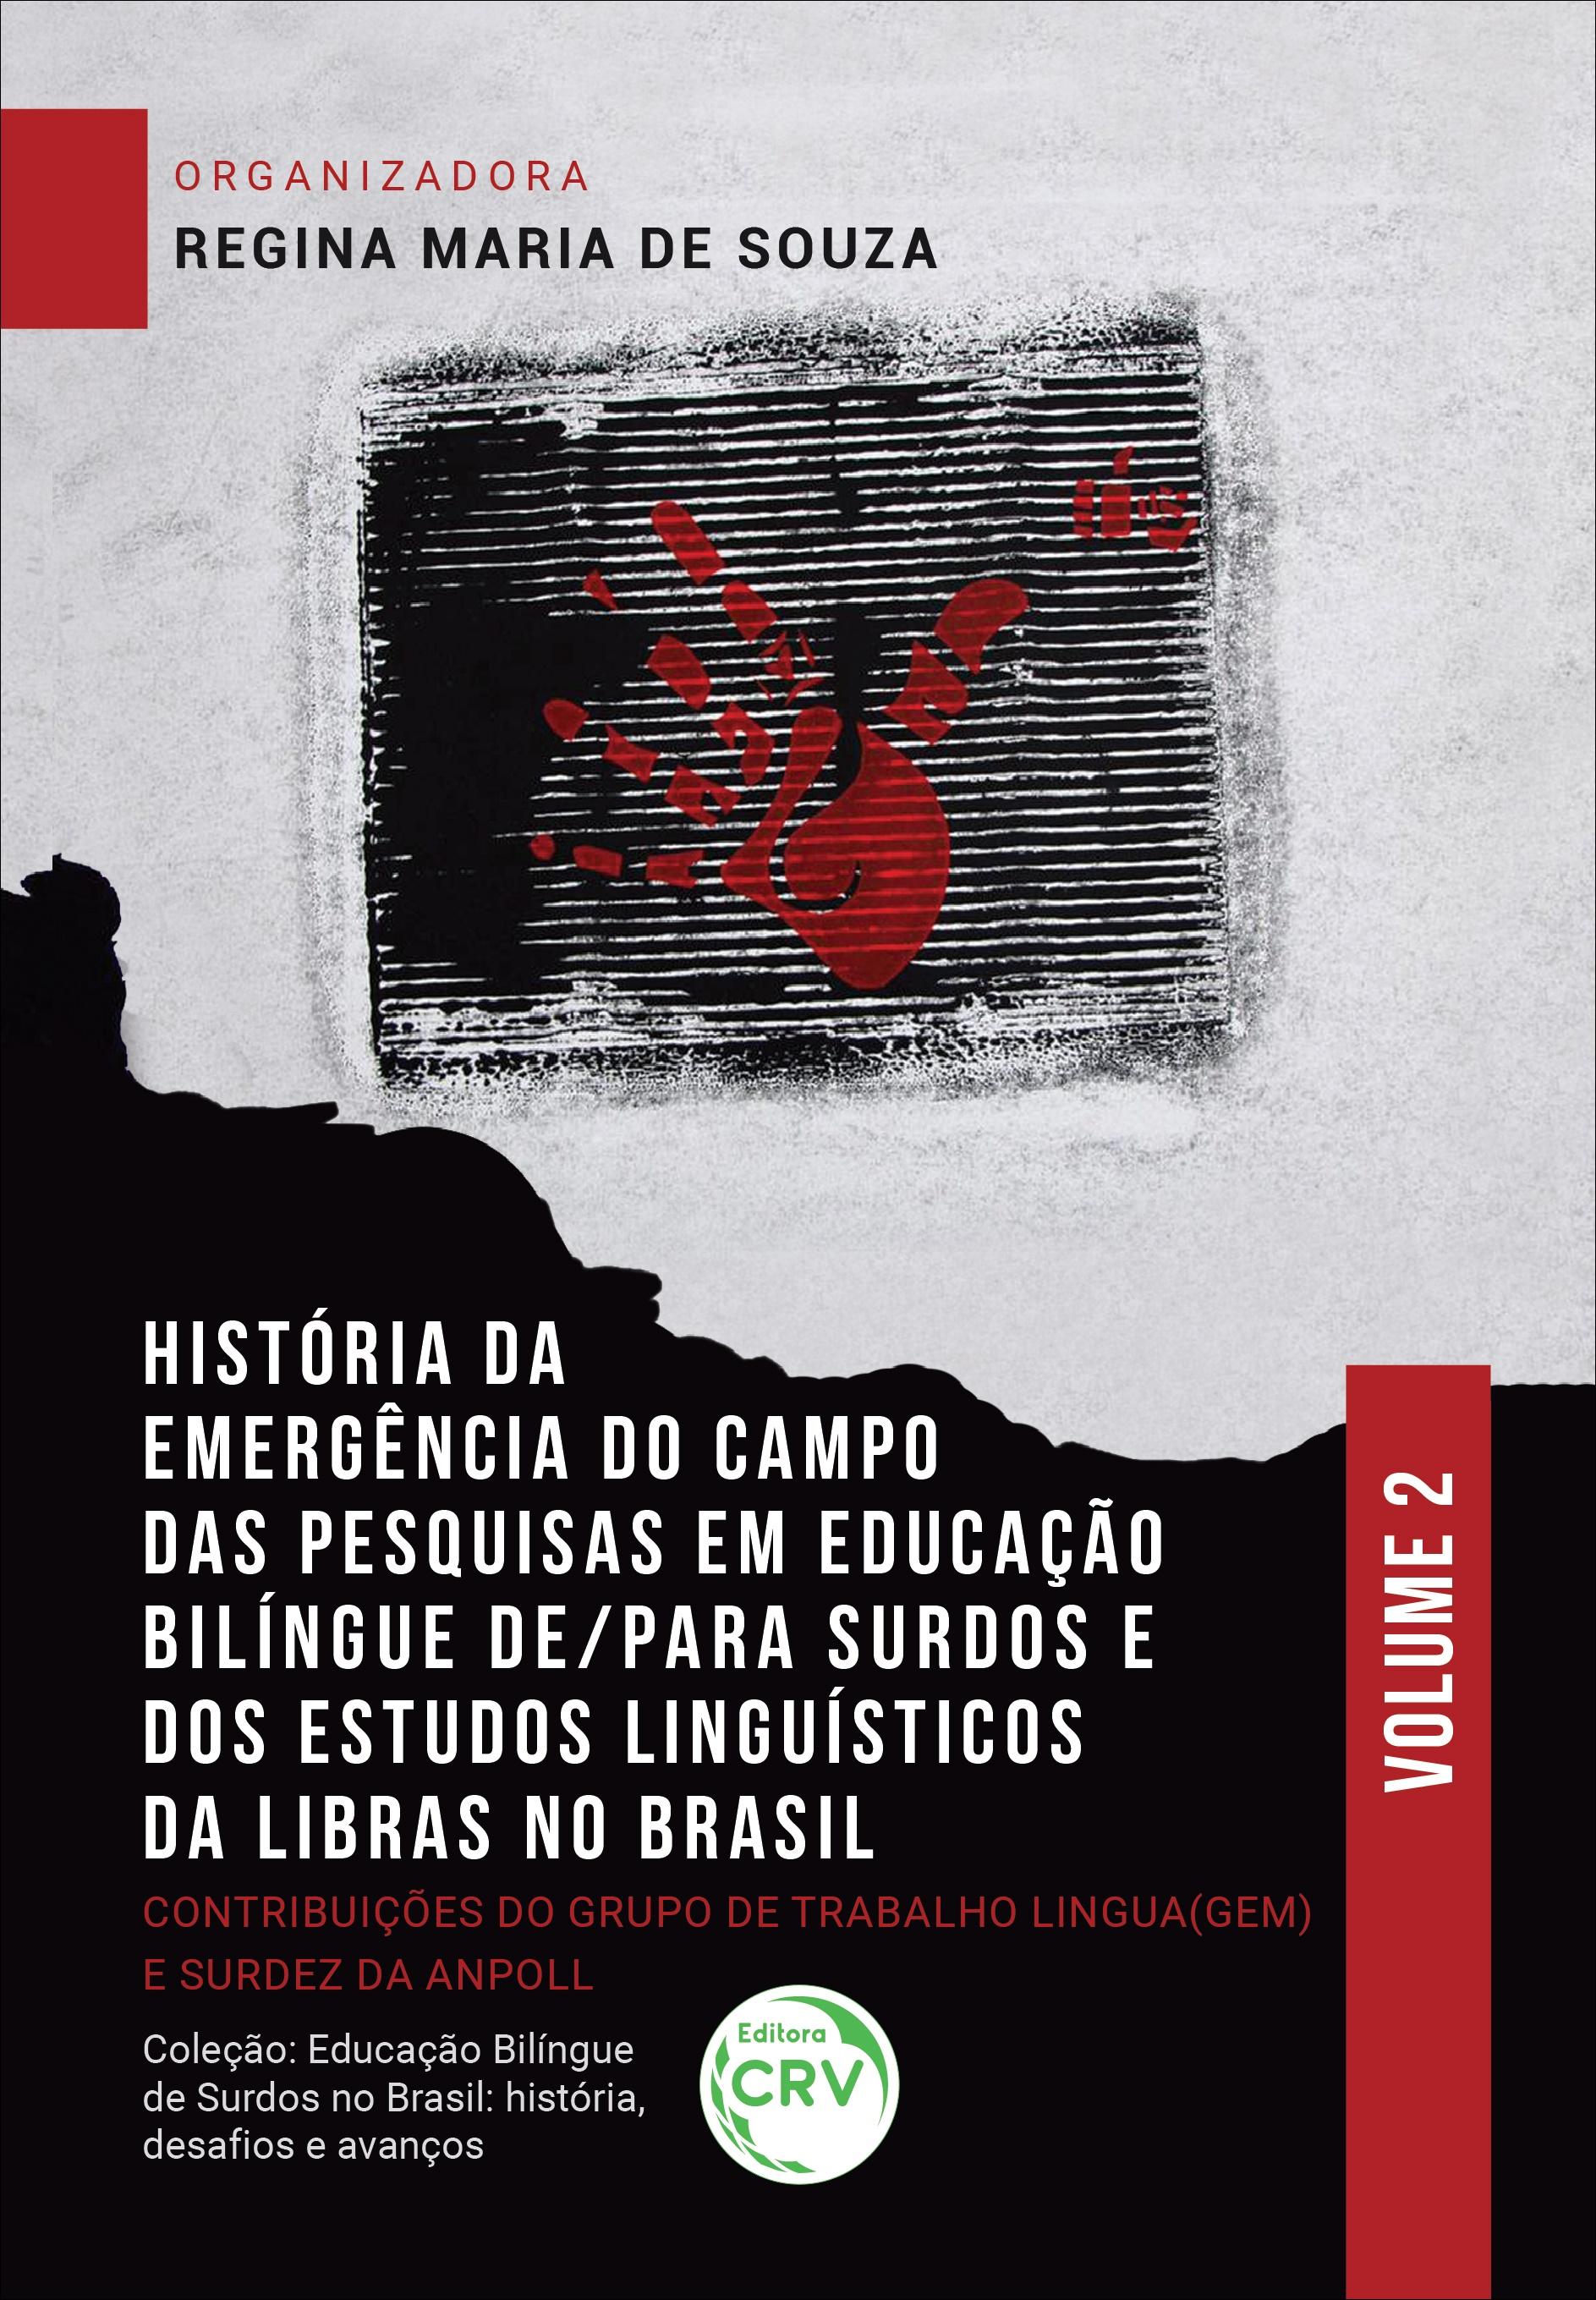 Capa do livro: HISTÓRIA DA EMERGÊNCIA DO CAMPO DAS PESQUISAS EM EDUCAÇÃO BILÍNGUE DE/PARA SURDOS E DOS ESTUDOS LINGUÍSTICOS DA LIBRAS NO BRASIL: contribuições do Grupo de Trabalho Lingua(gem) e Surdez da Anpoll